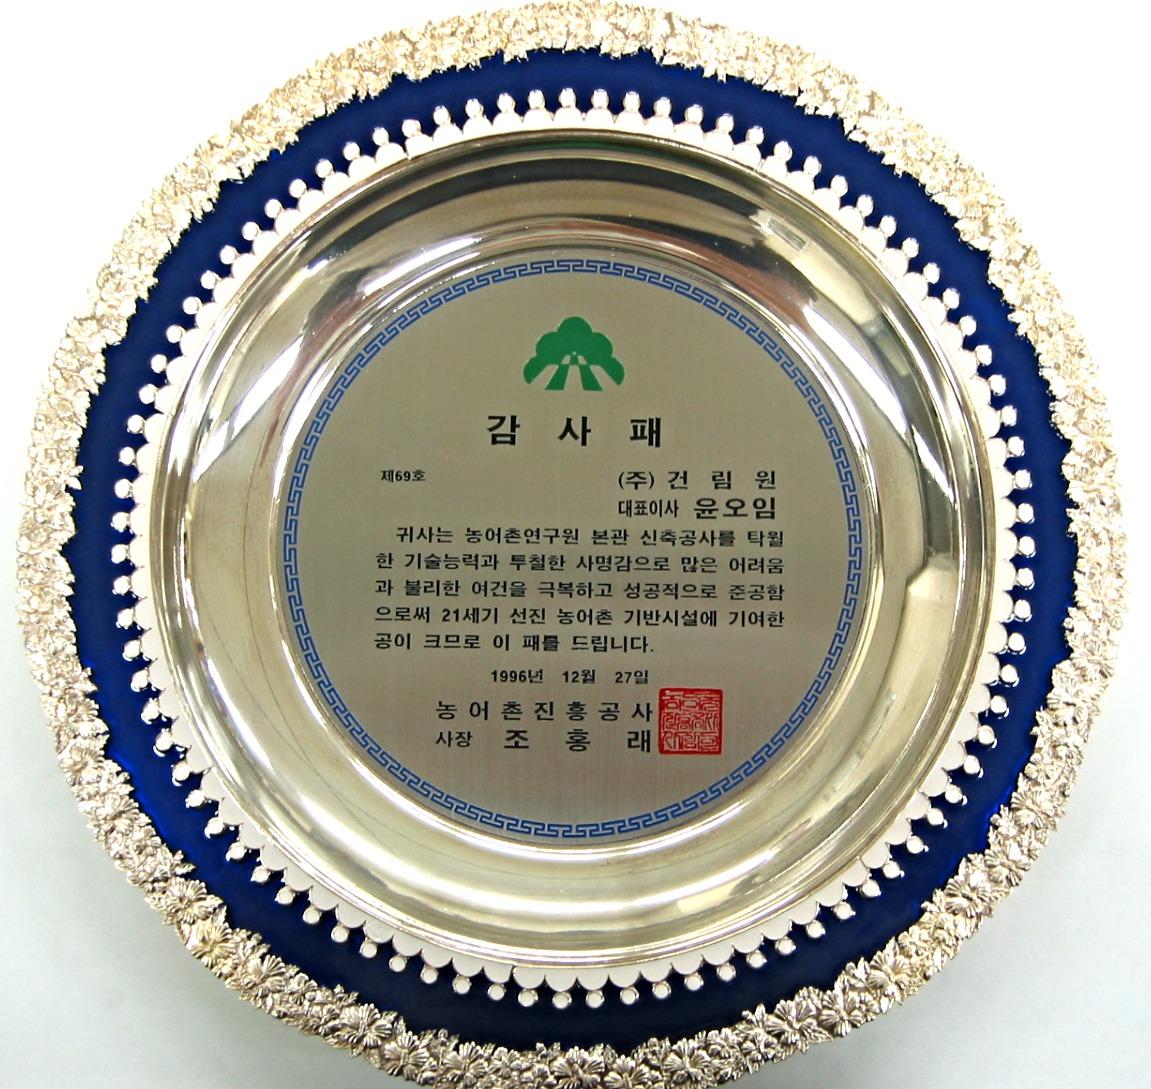 1996년 농어촌진흥공사 감사패 (농어촌연구원 본관 신축공사)